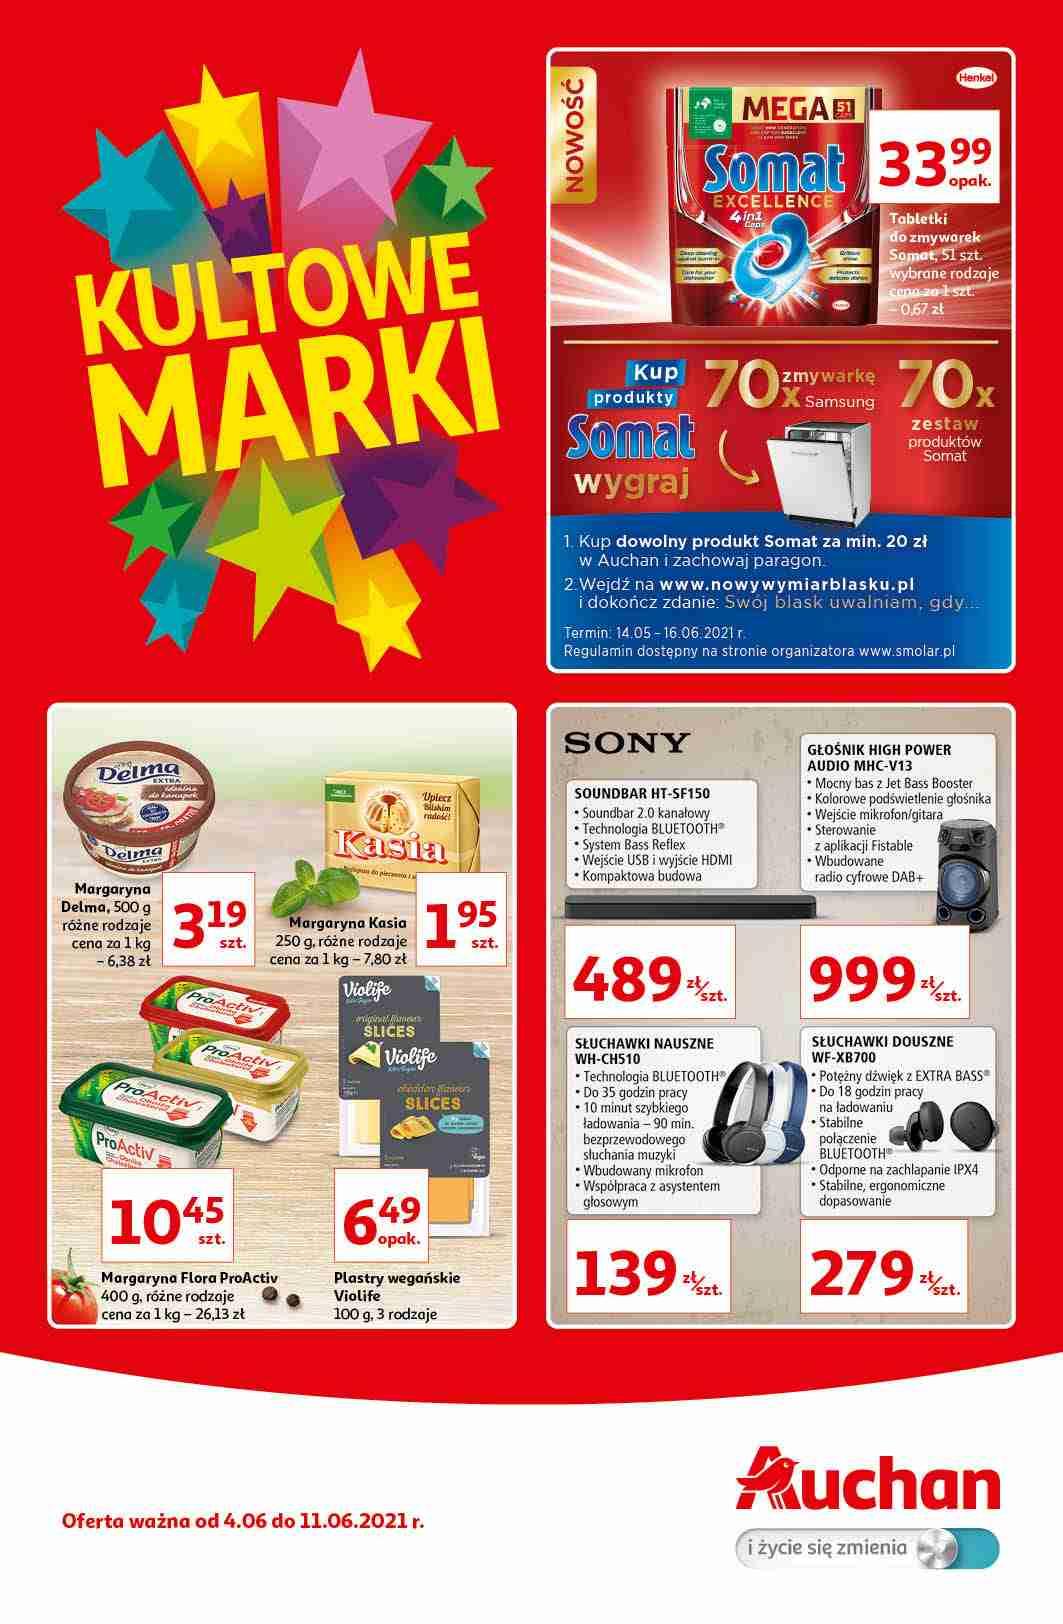 Auchan Gazetka promocyjna - Kultowe Marki Hipermarkety - 04.06 - 11.06